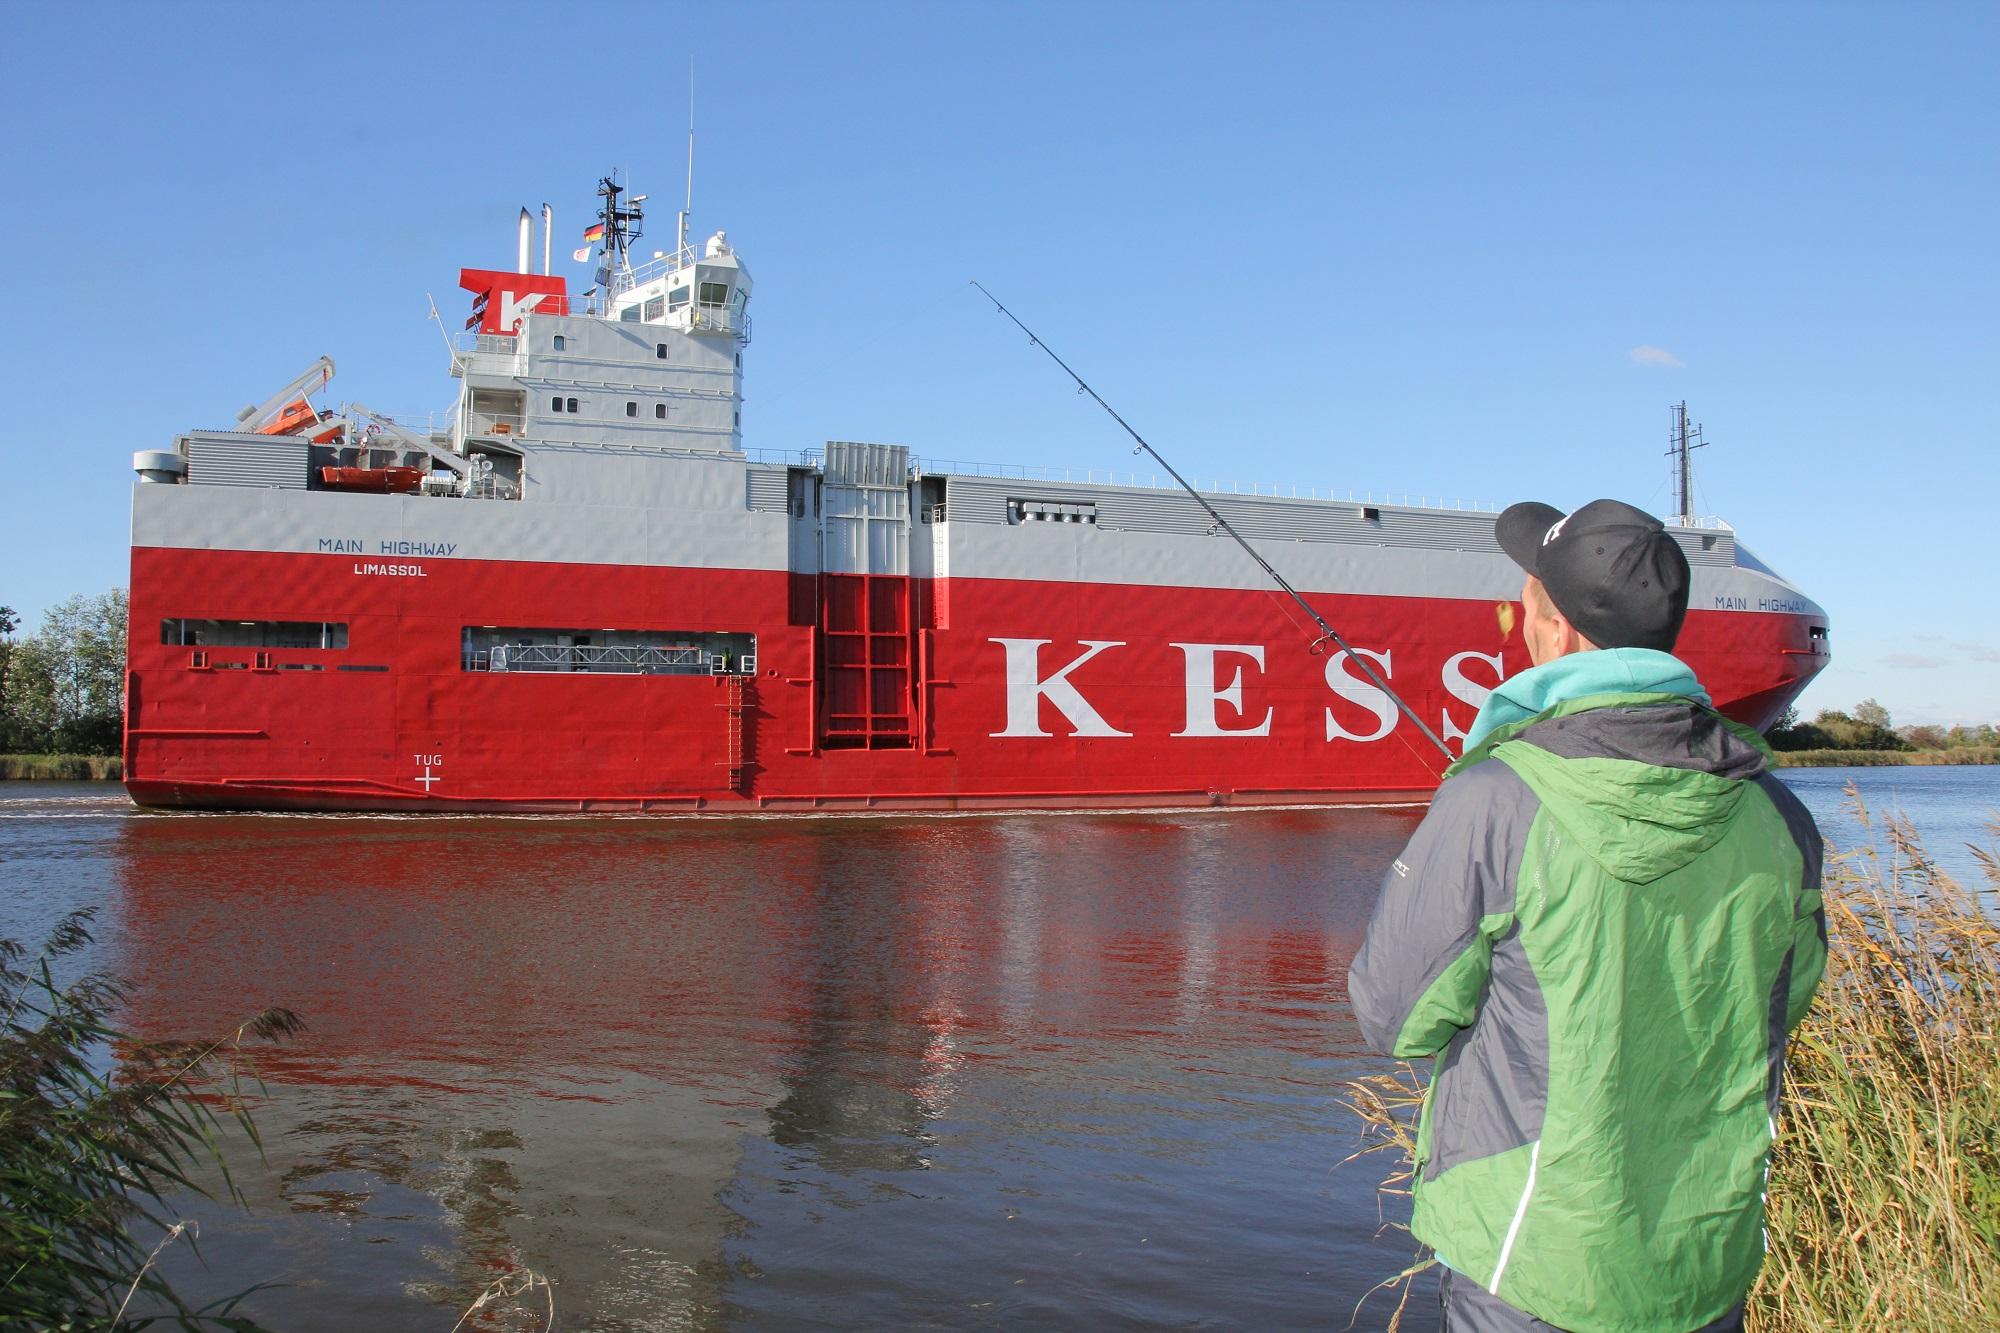 Wenn große Schiffe beim Angeln mit Gummifisch vorbeifahren, werden die Zander im Nord-Ostsee-Kanal aktiv